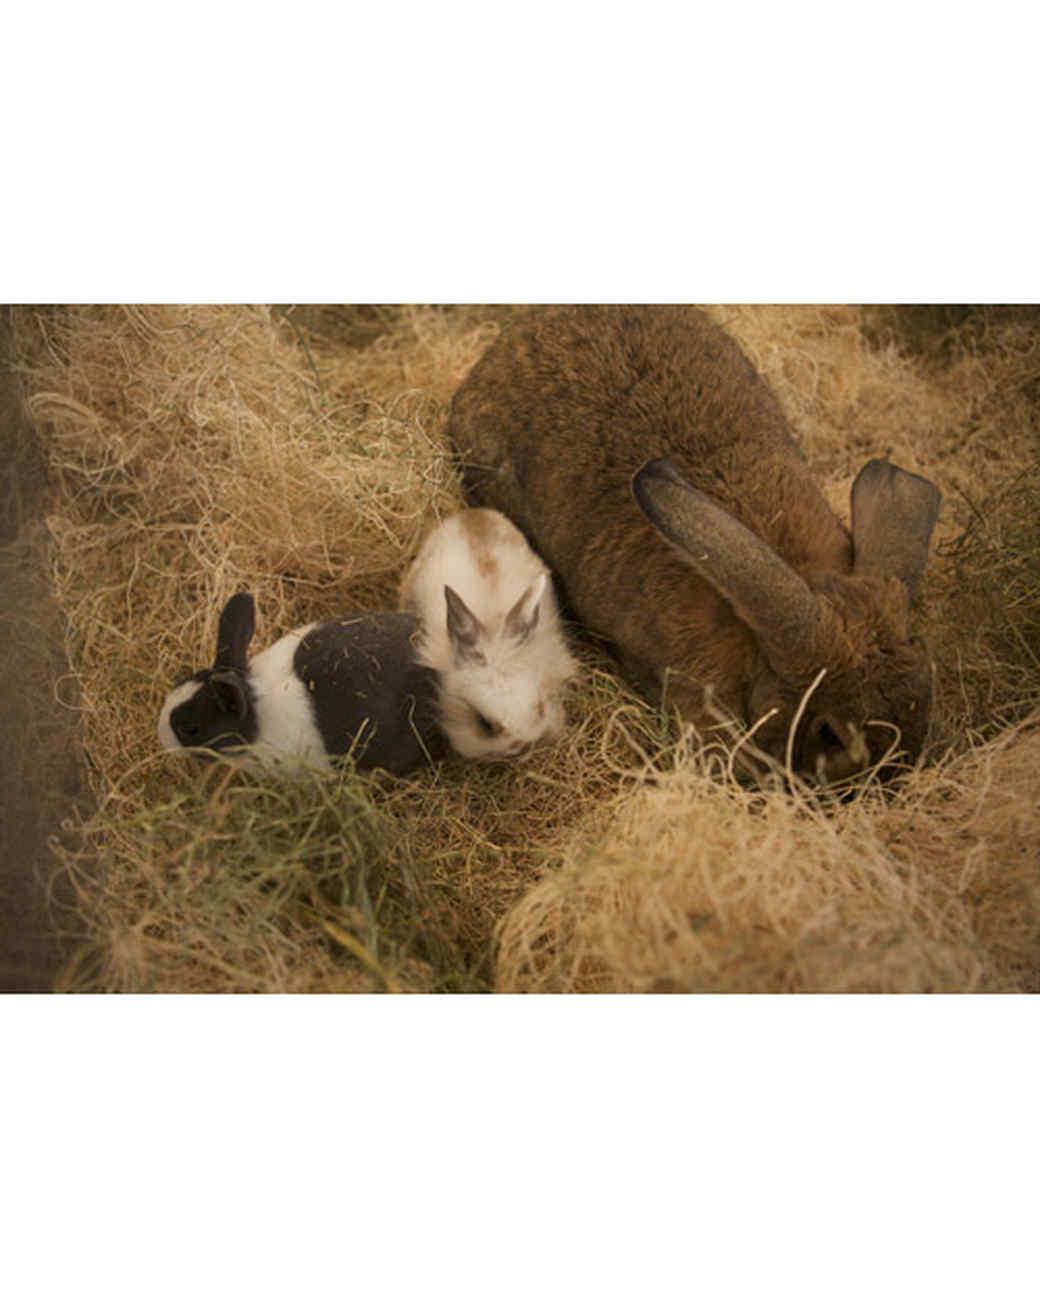 m4126_bunnies43.jpg